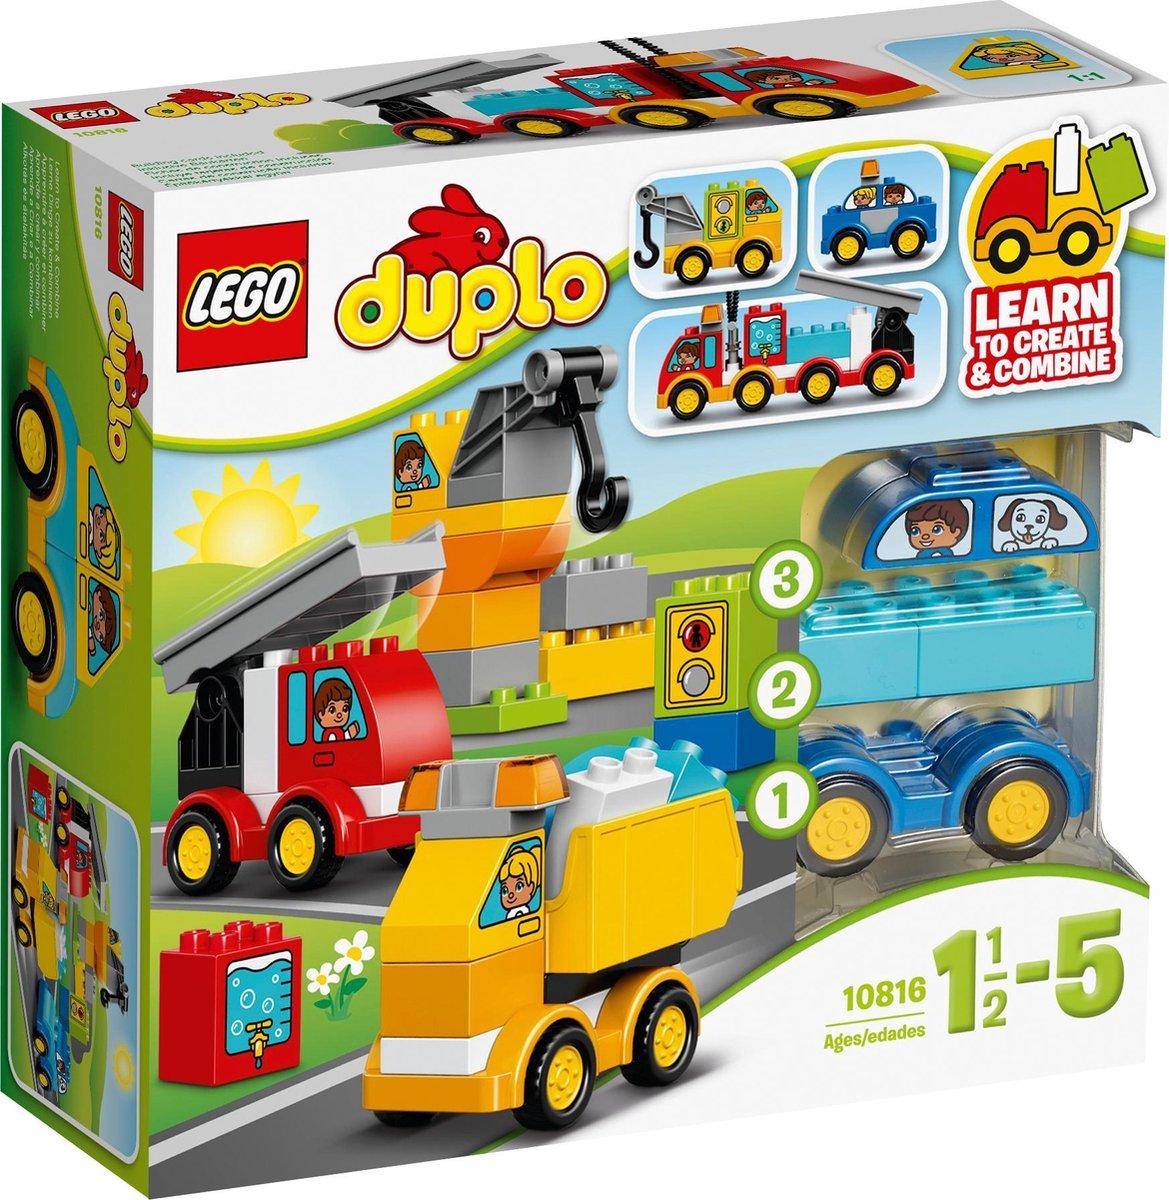 LEGO DUPLO Mijn Eerste Wagens en Trucks - 10816 - LEGO